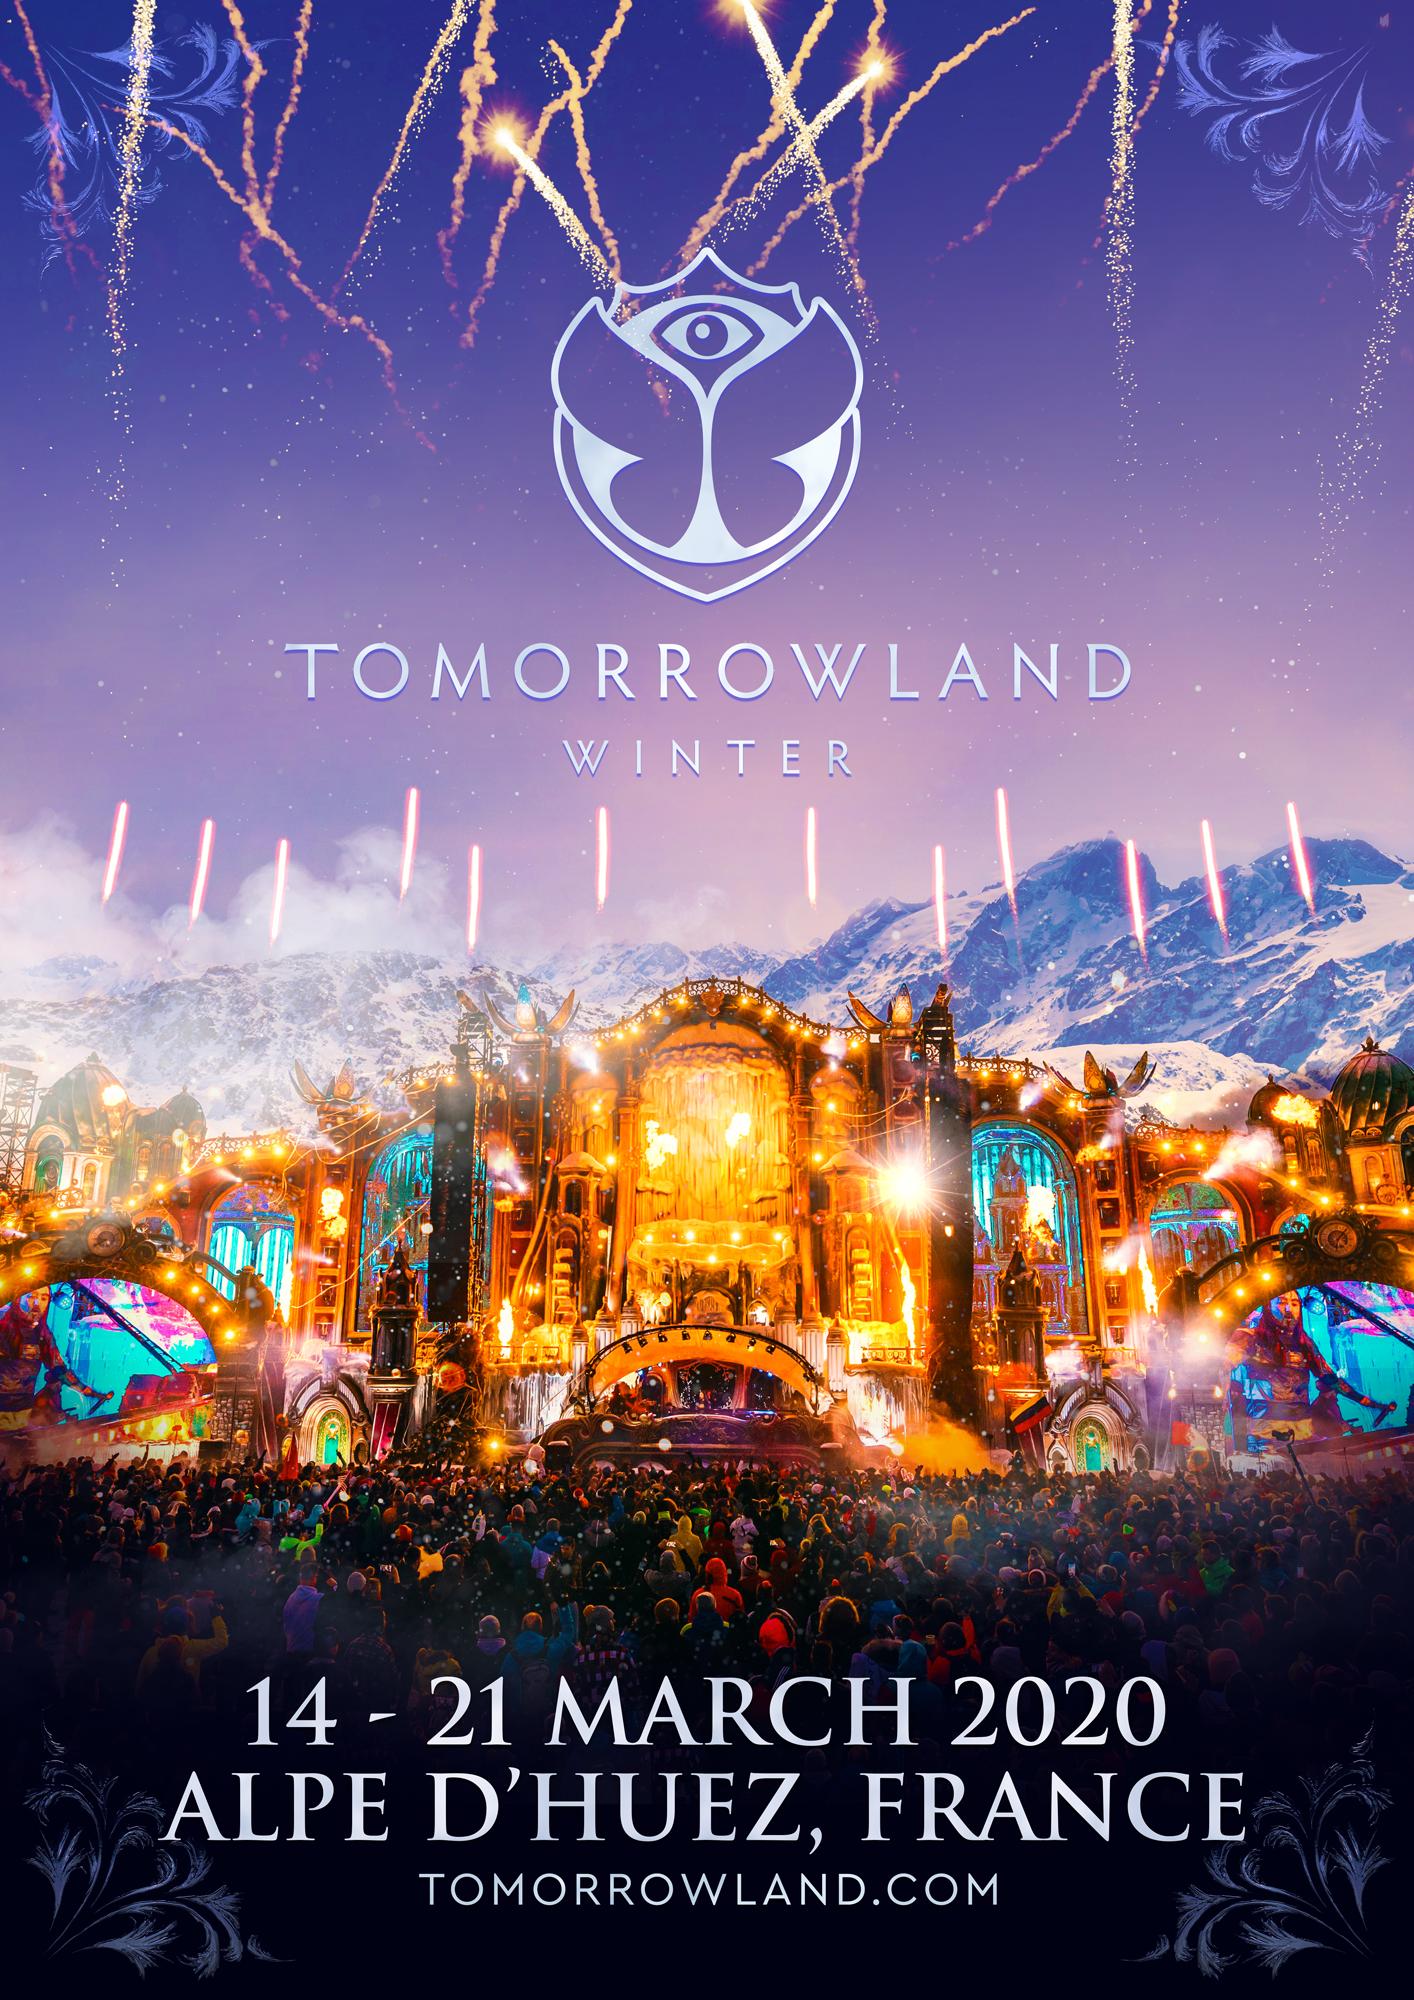 Tomorrowland Winter 2020 Pre-Registration Announced